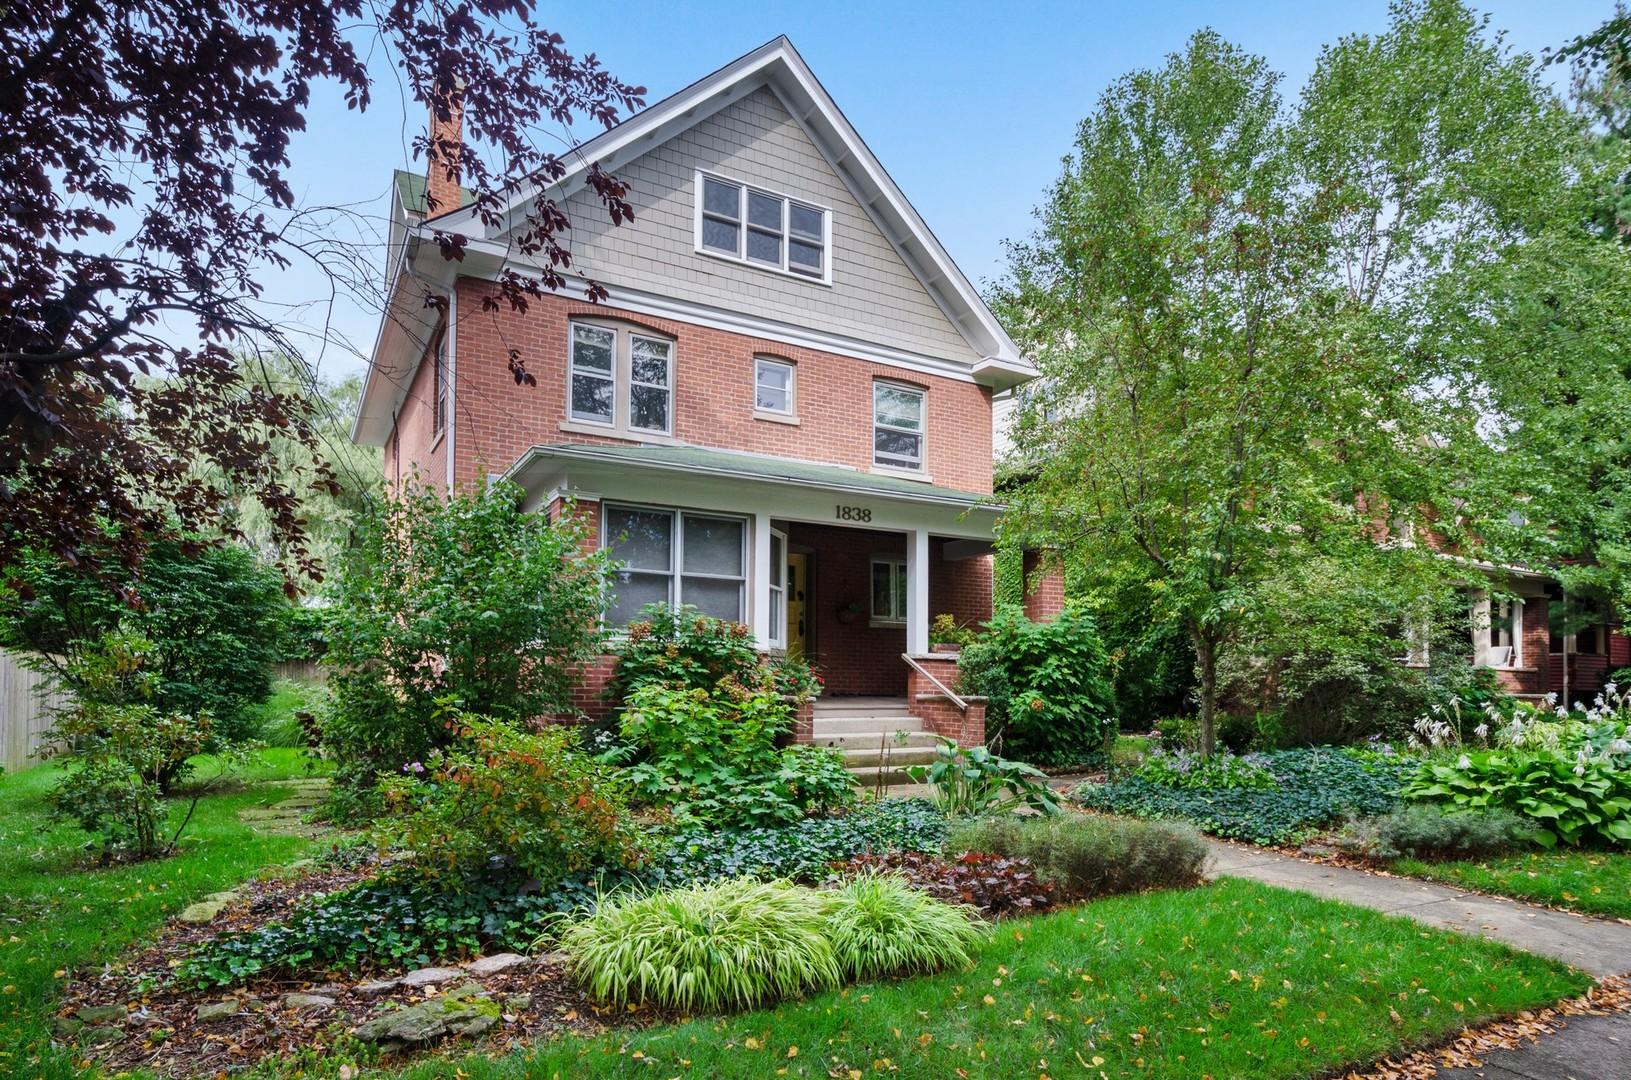 1838 Wesley Avenue, Evanston IL 60201